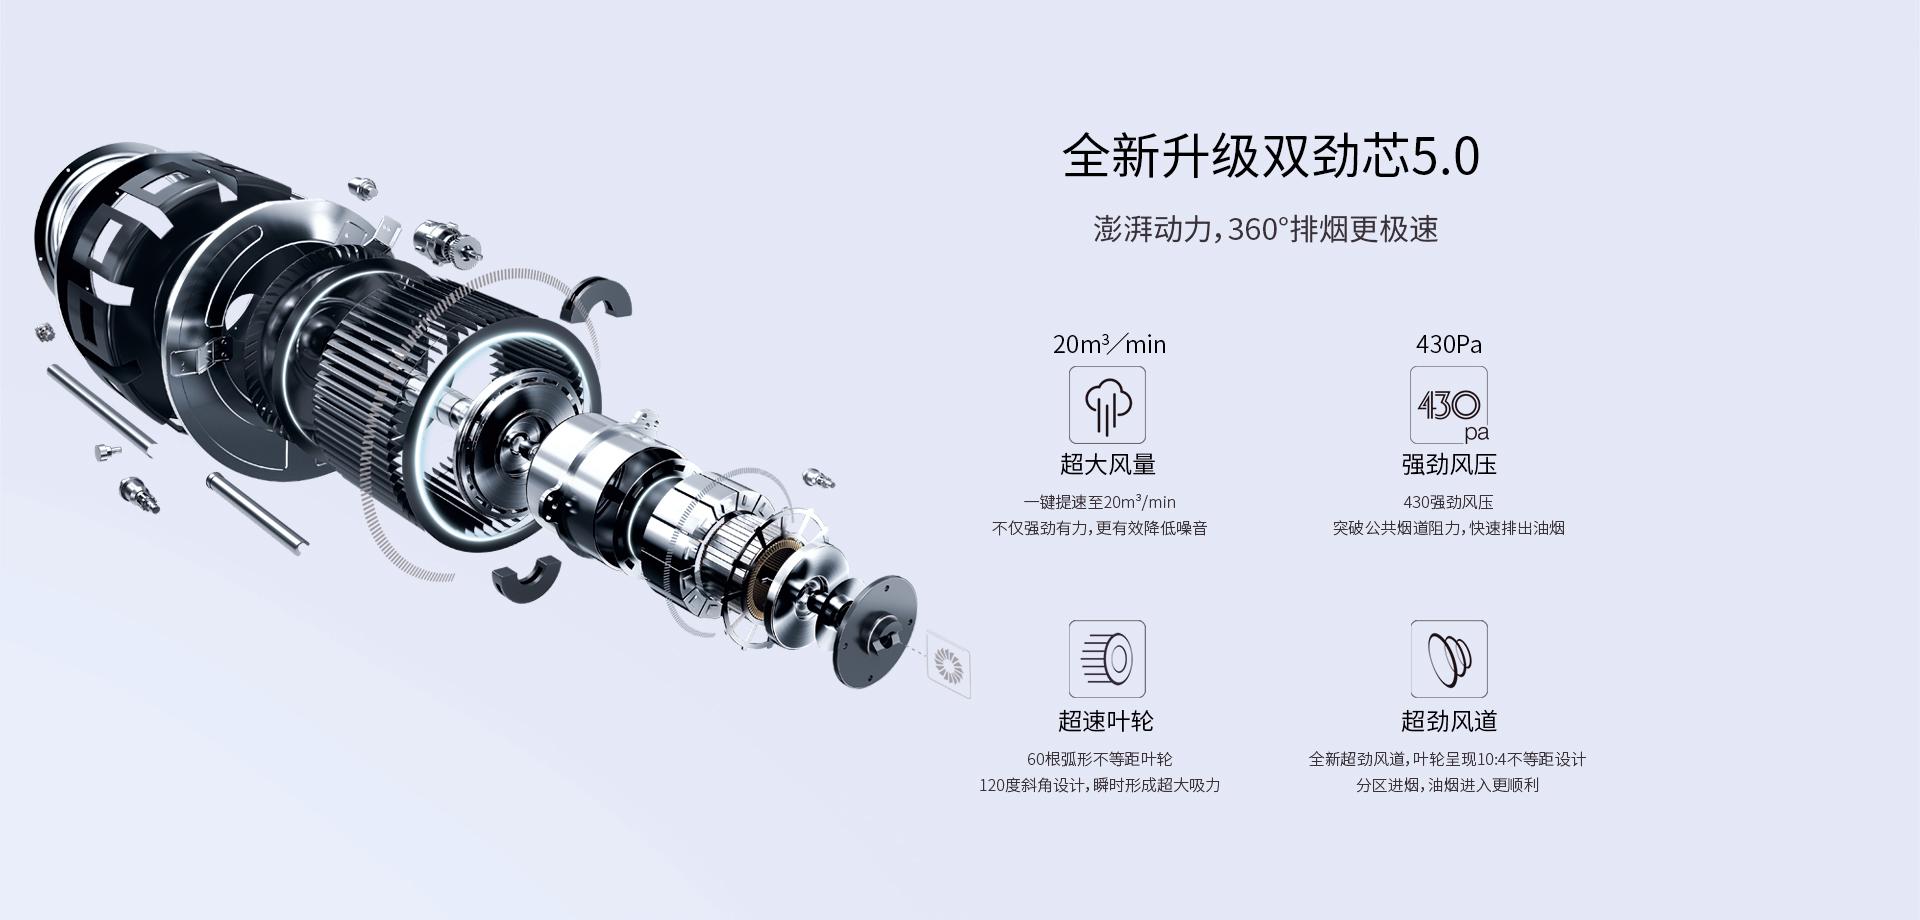 老板大吸力油烟机CXW 200 8229 商品详情 购买优惠预约 老板电器官方网站